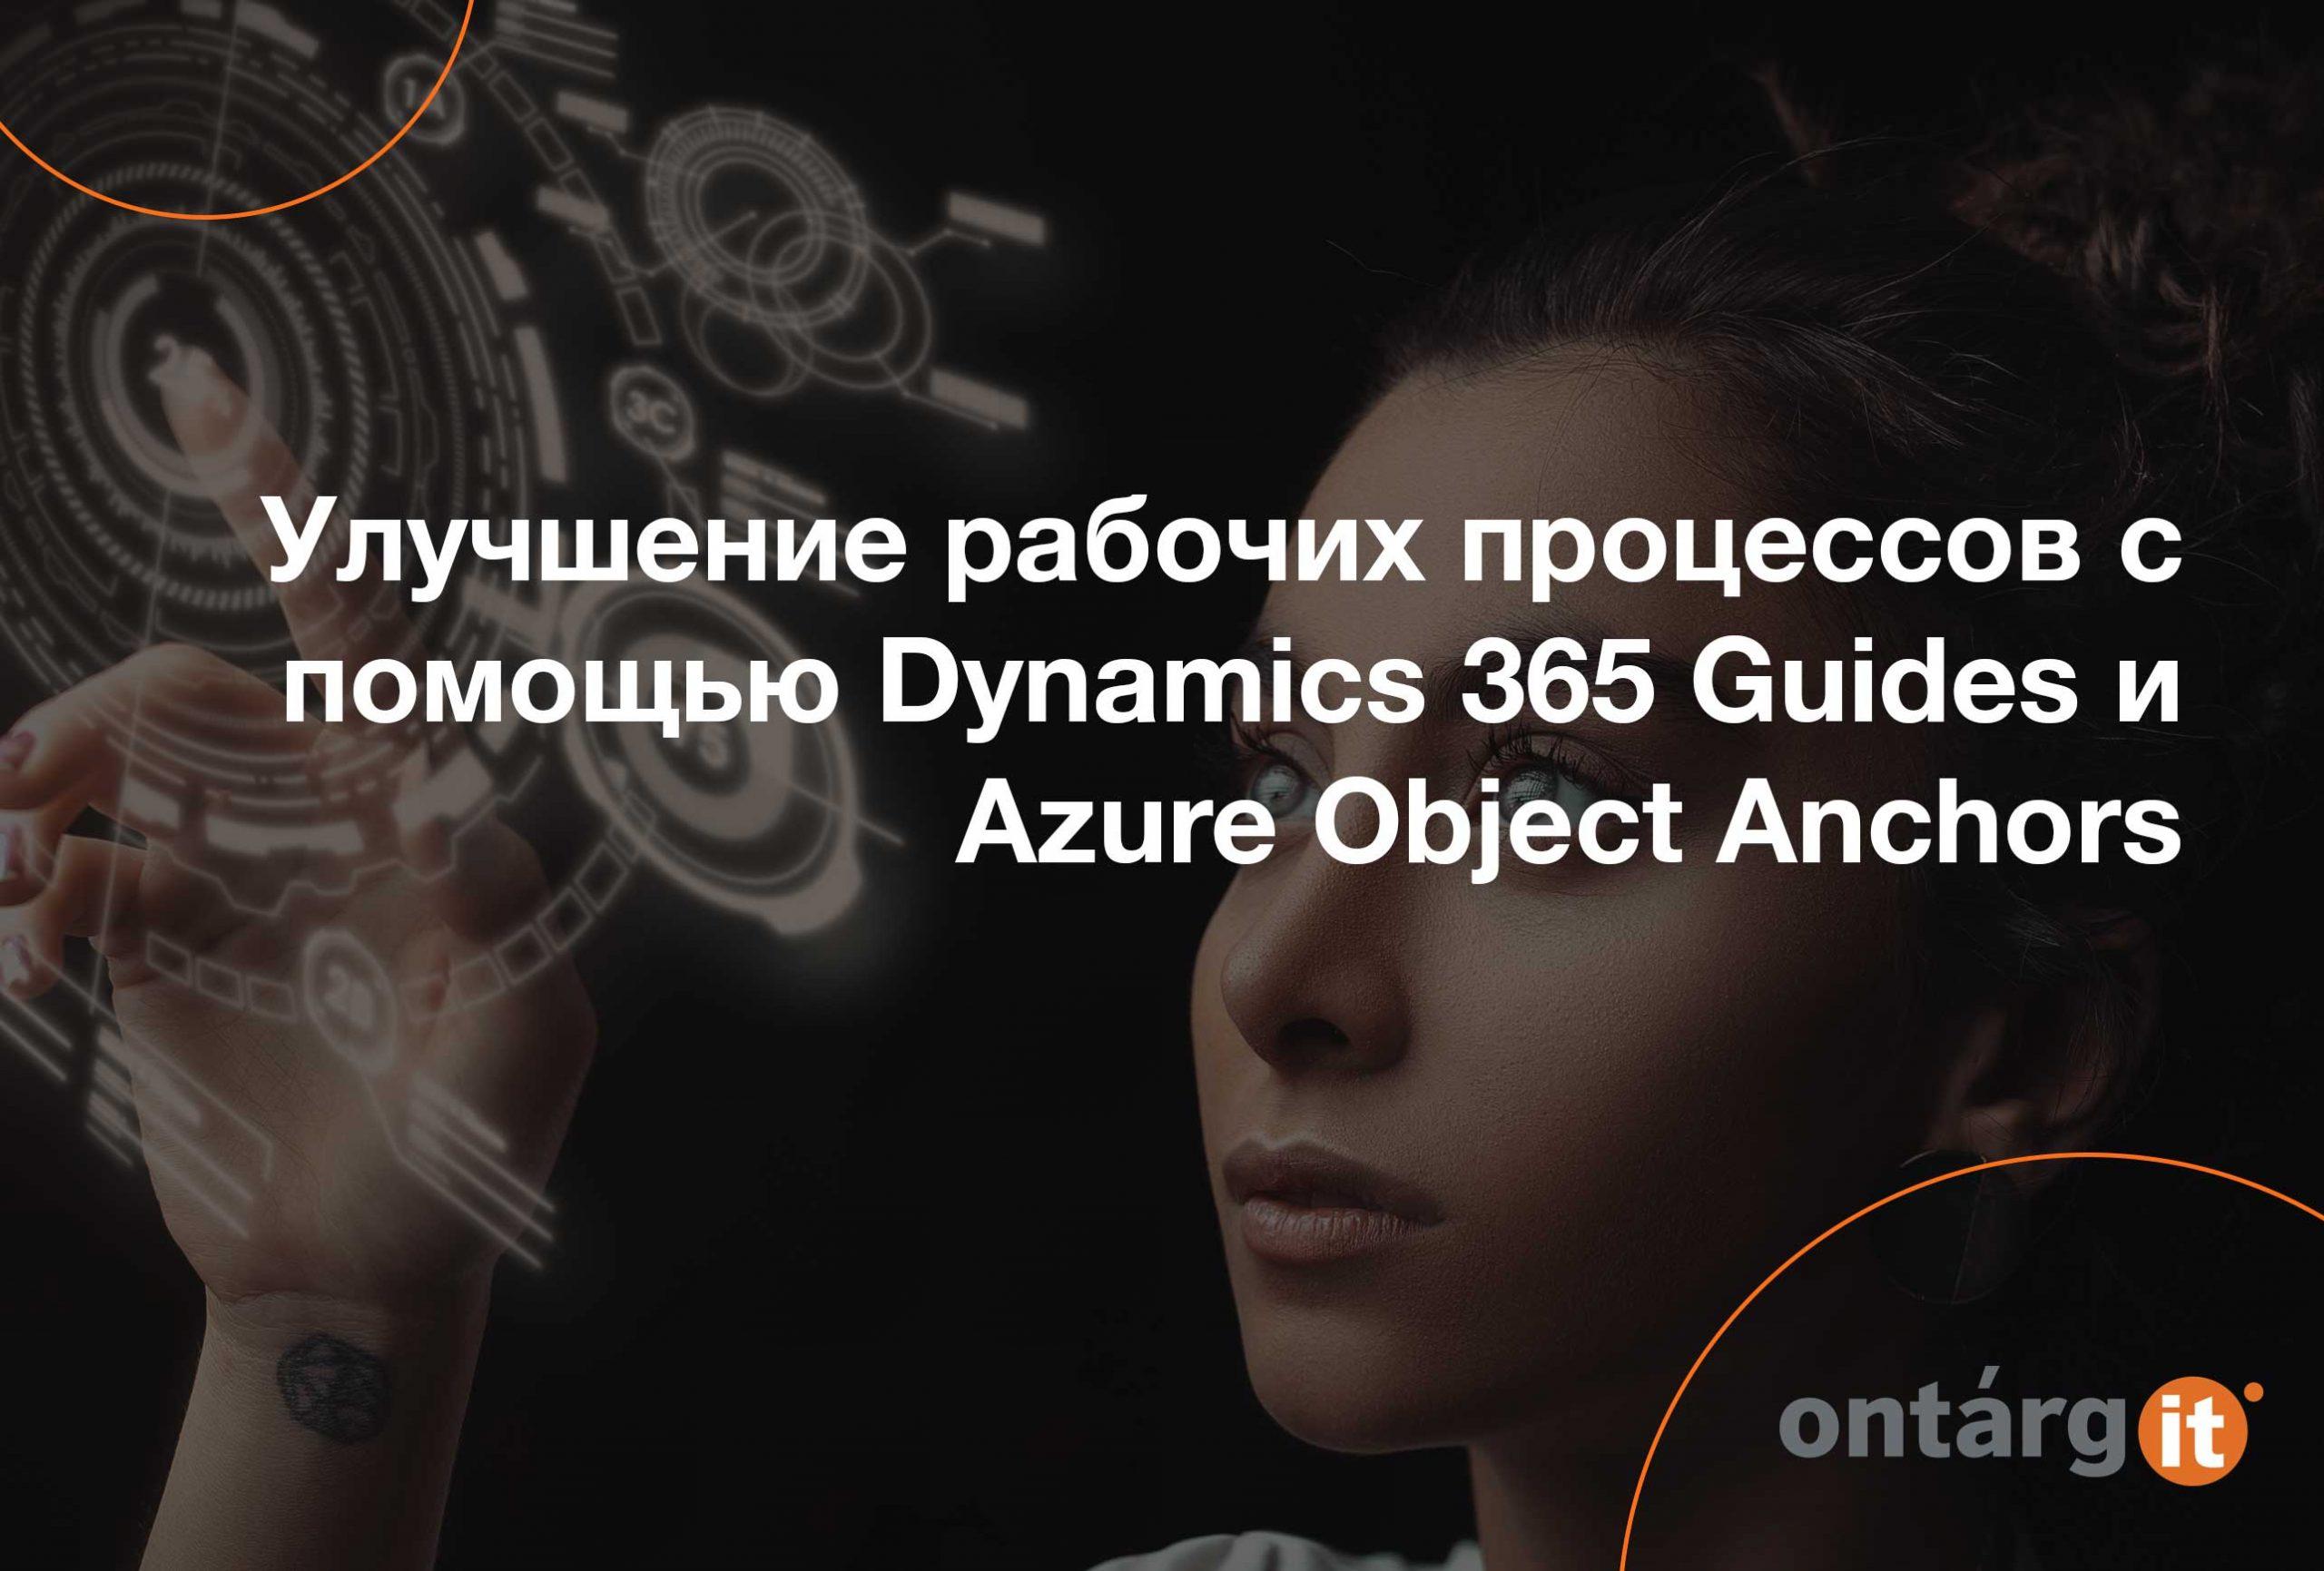 Улучшение-рабочих-процессов-с-помощью-Dynamics-365-Guides-и-Azure-Object-Anchors